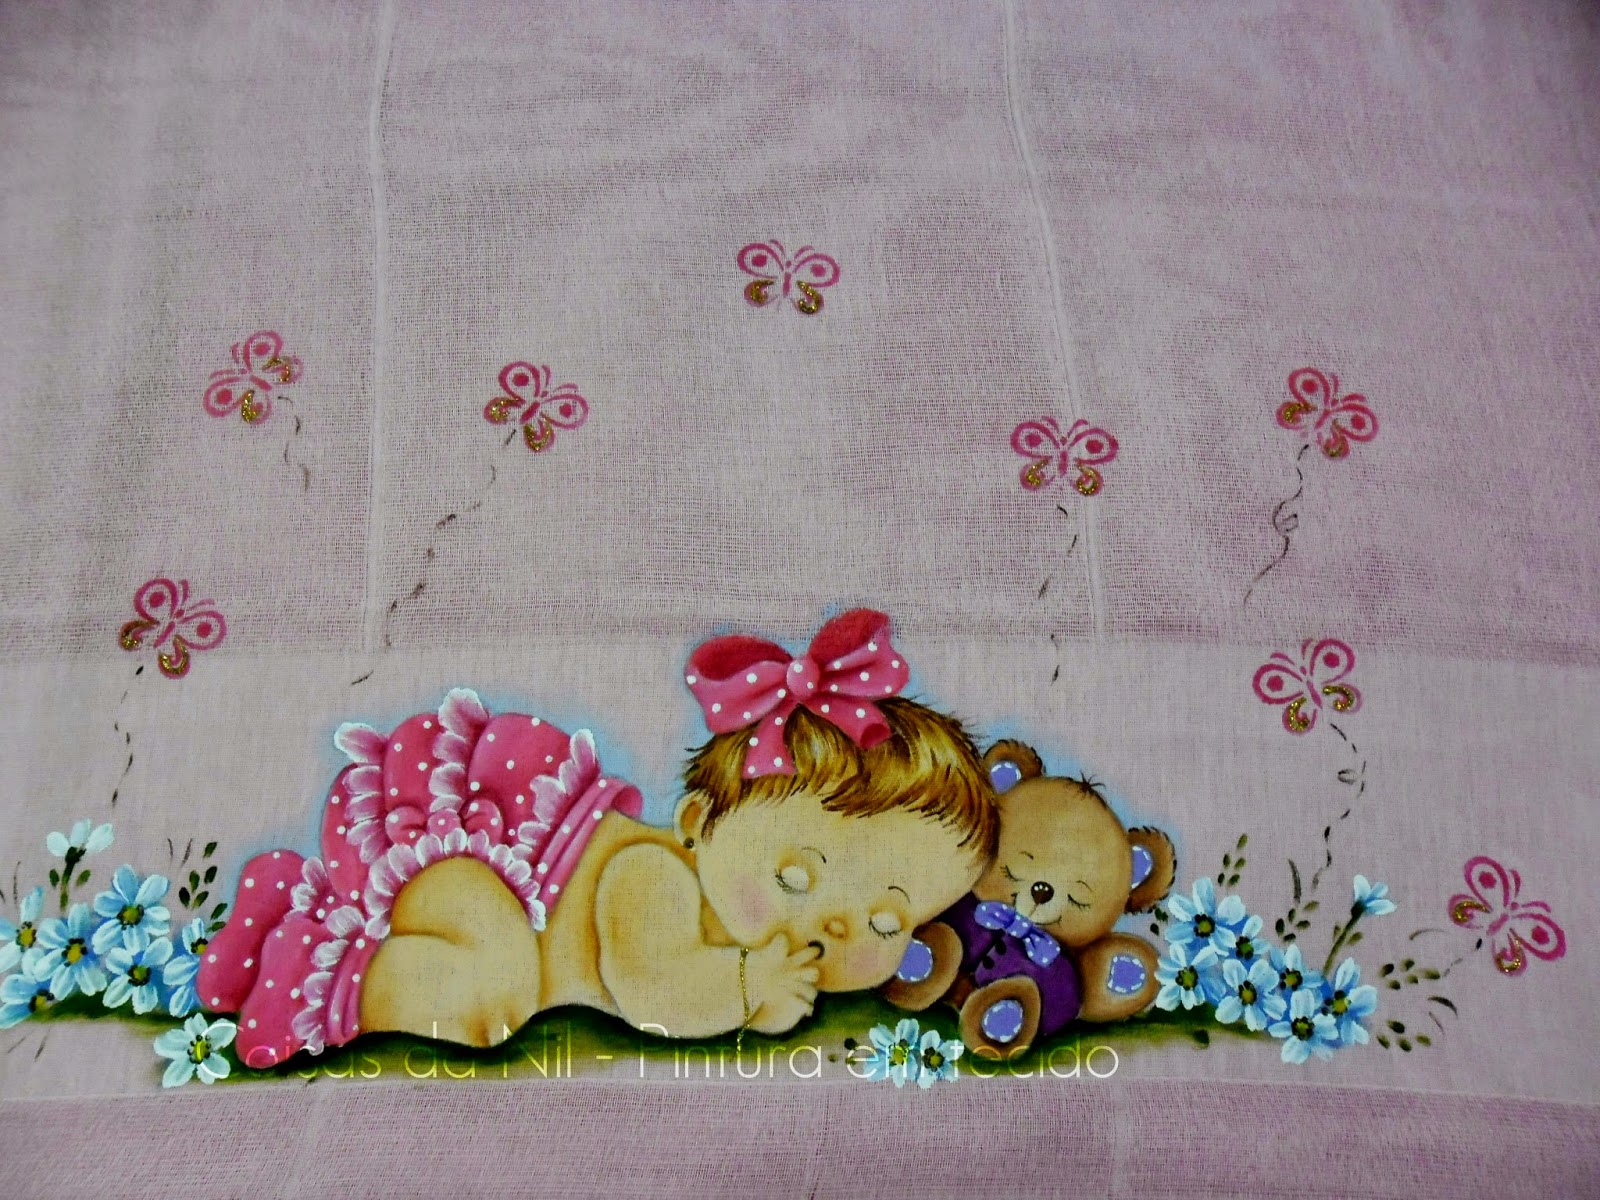 pintura em fralda menininha deitada com urso, flores e borboletas